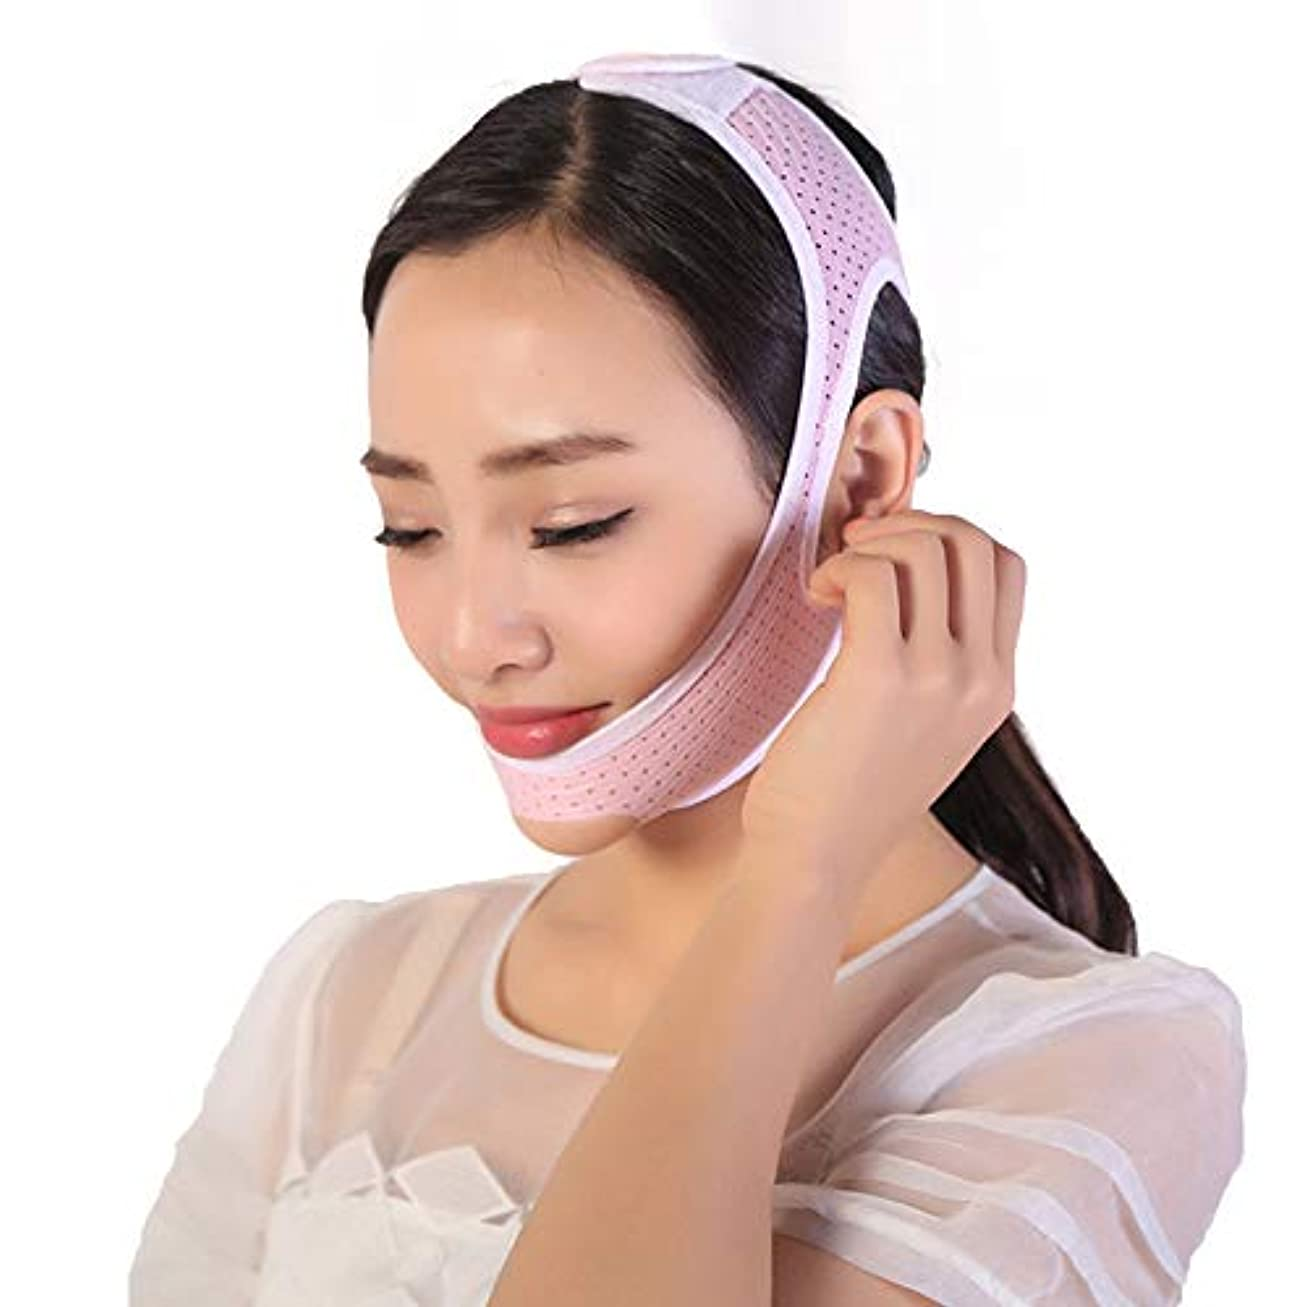 ダンプスラッシュ証言GYZ フェイシャルリフティングスリミングベルト - 薄型フェイス包帯ダブルチンデバイスフェイシャルマッサージアンチエイジングリンクルフェイスマスクベルト Thin Face Belt (Size : L)